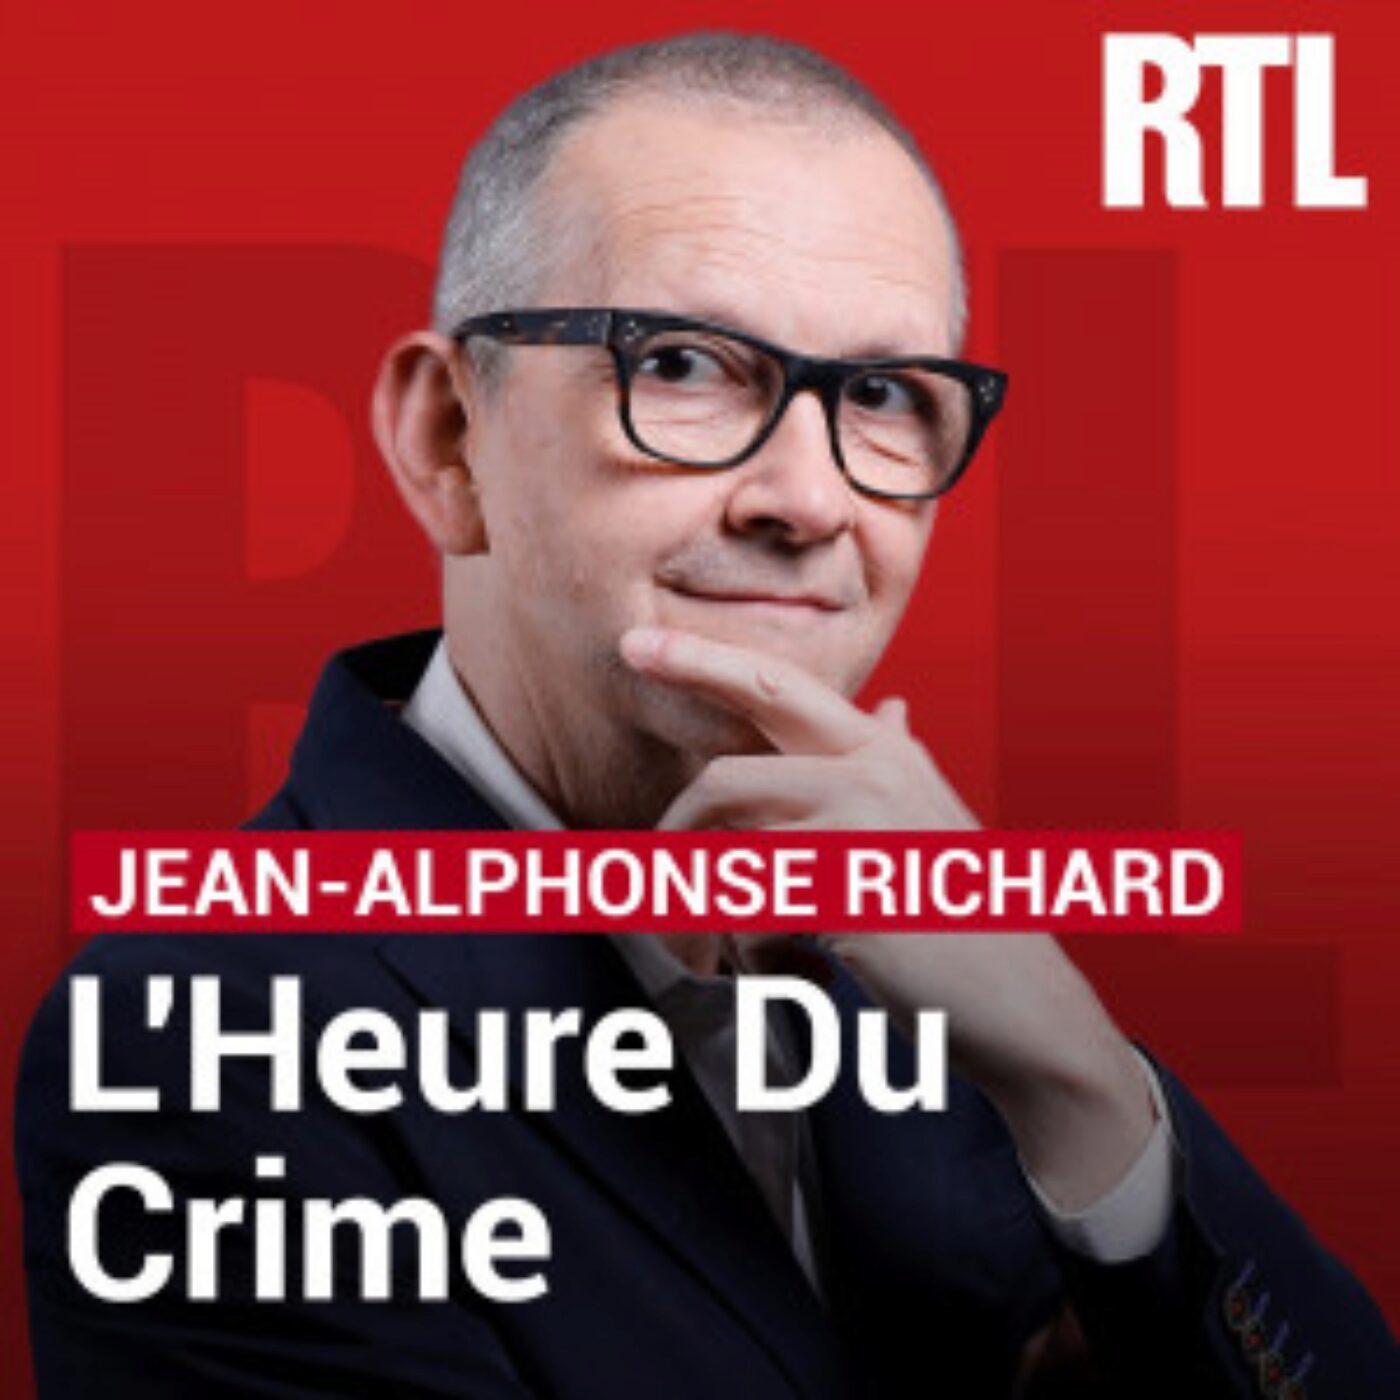 INCONTOURNABLE - Pierre Conty, le tueur fou de l'Ardèche